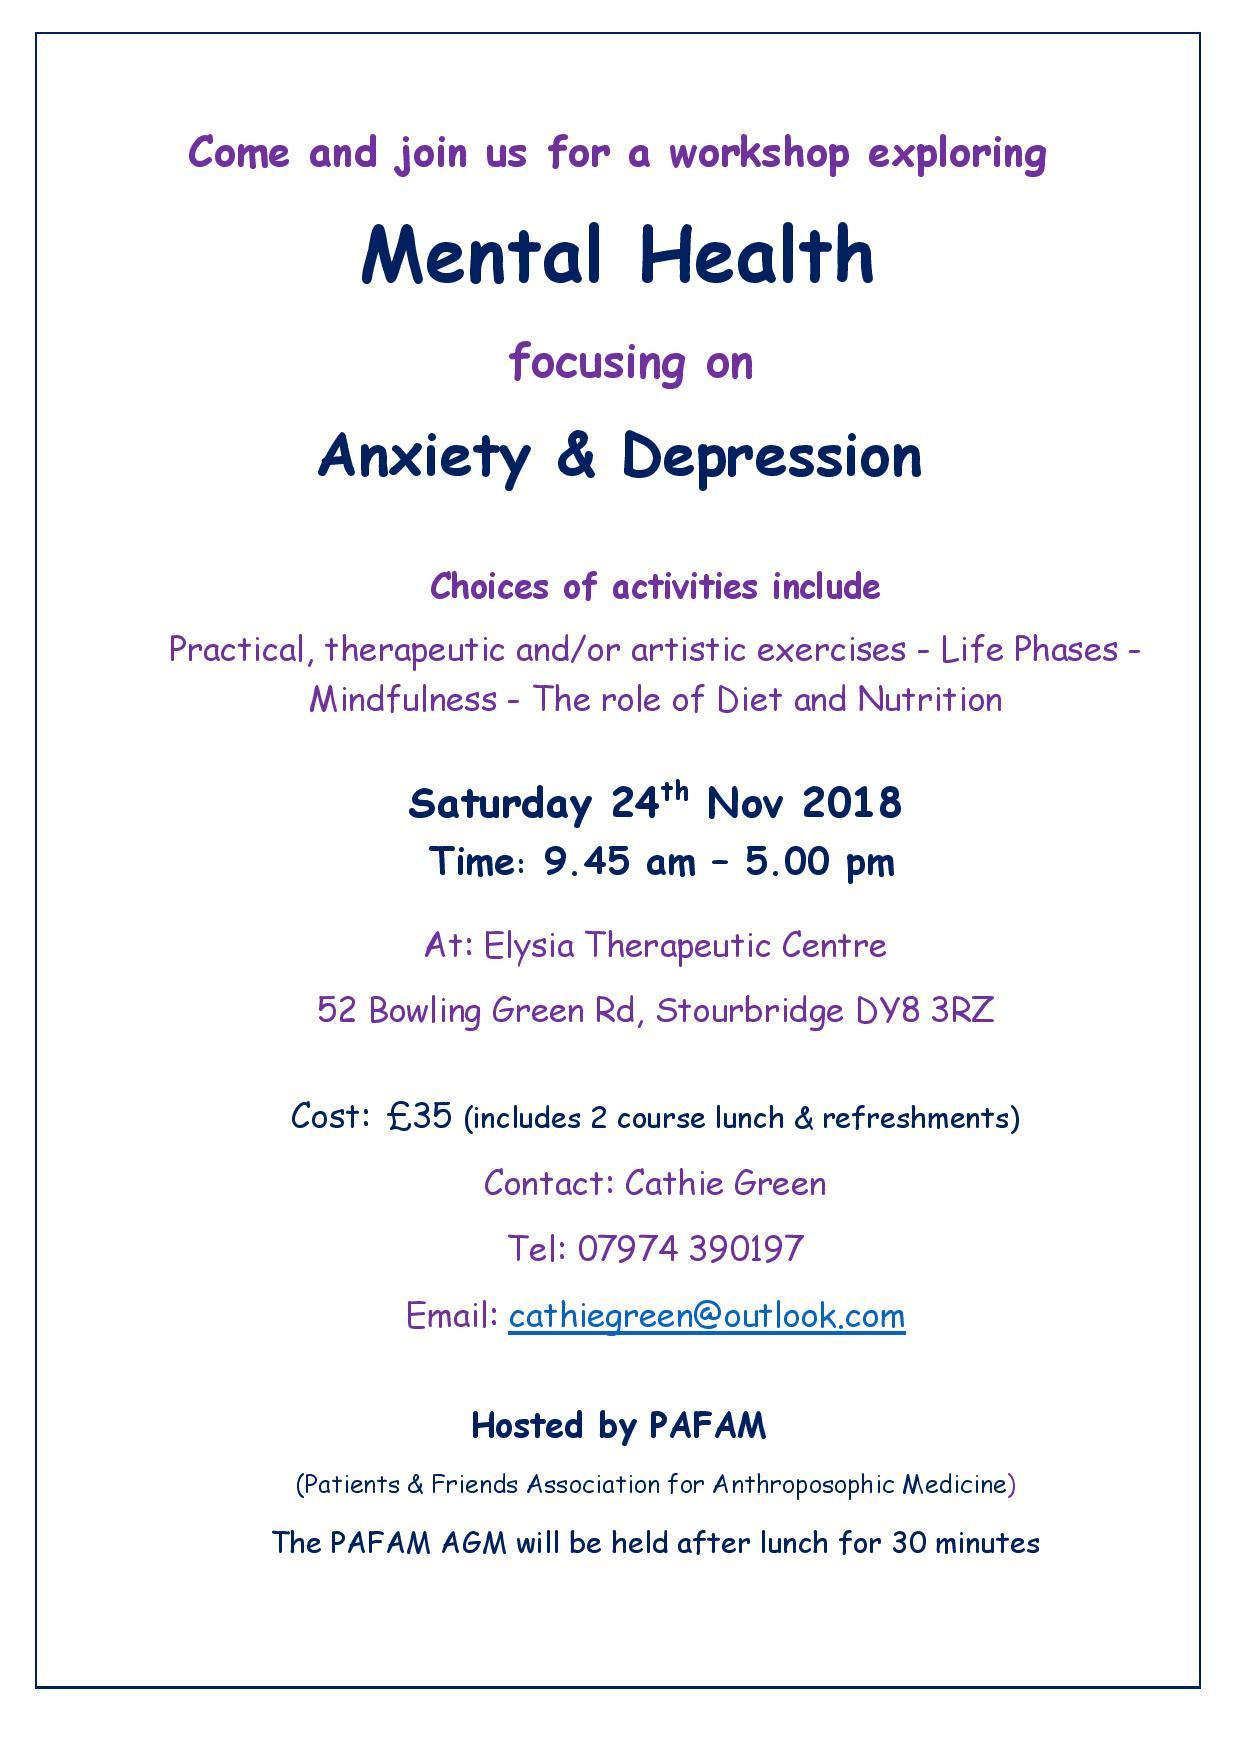 Mental Health Workshop Poster